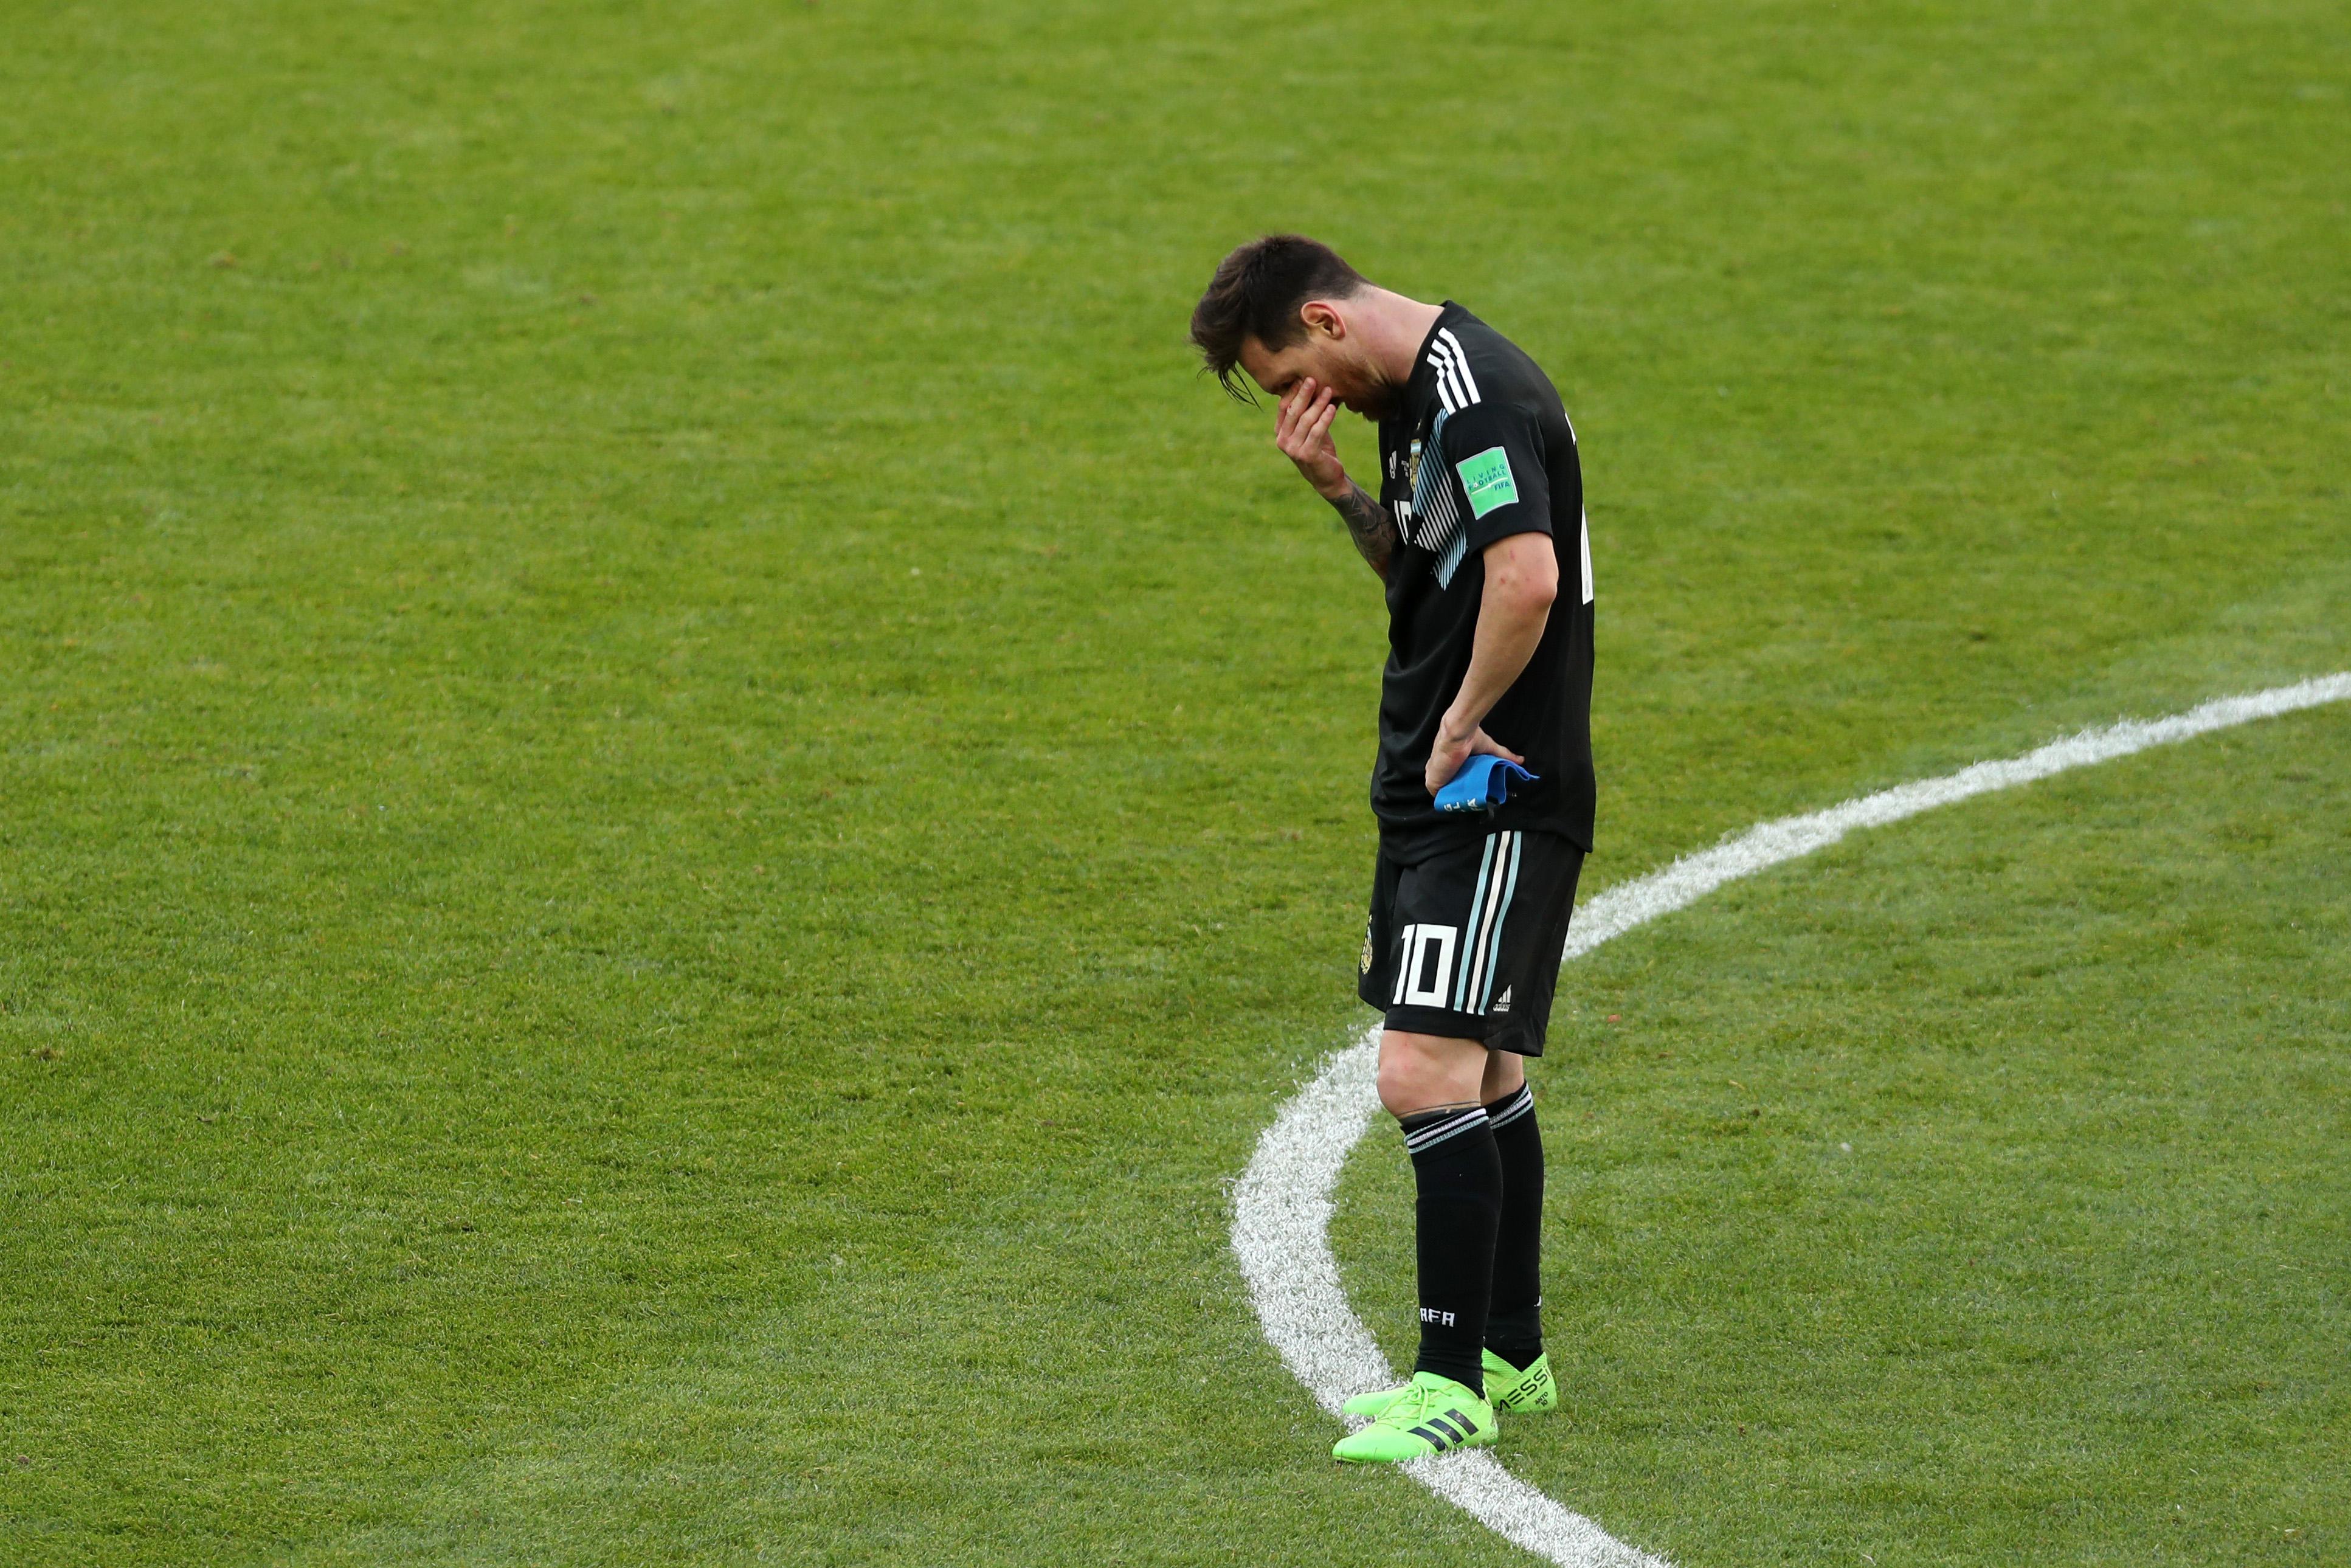 Lionel Messi Penal Argentina Fallado Rusia 2018, Lionel Messi Penal Fallado Argentina, Lionel Messi penal, Lionel Messi